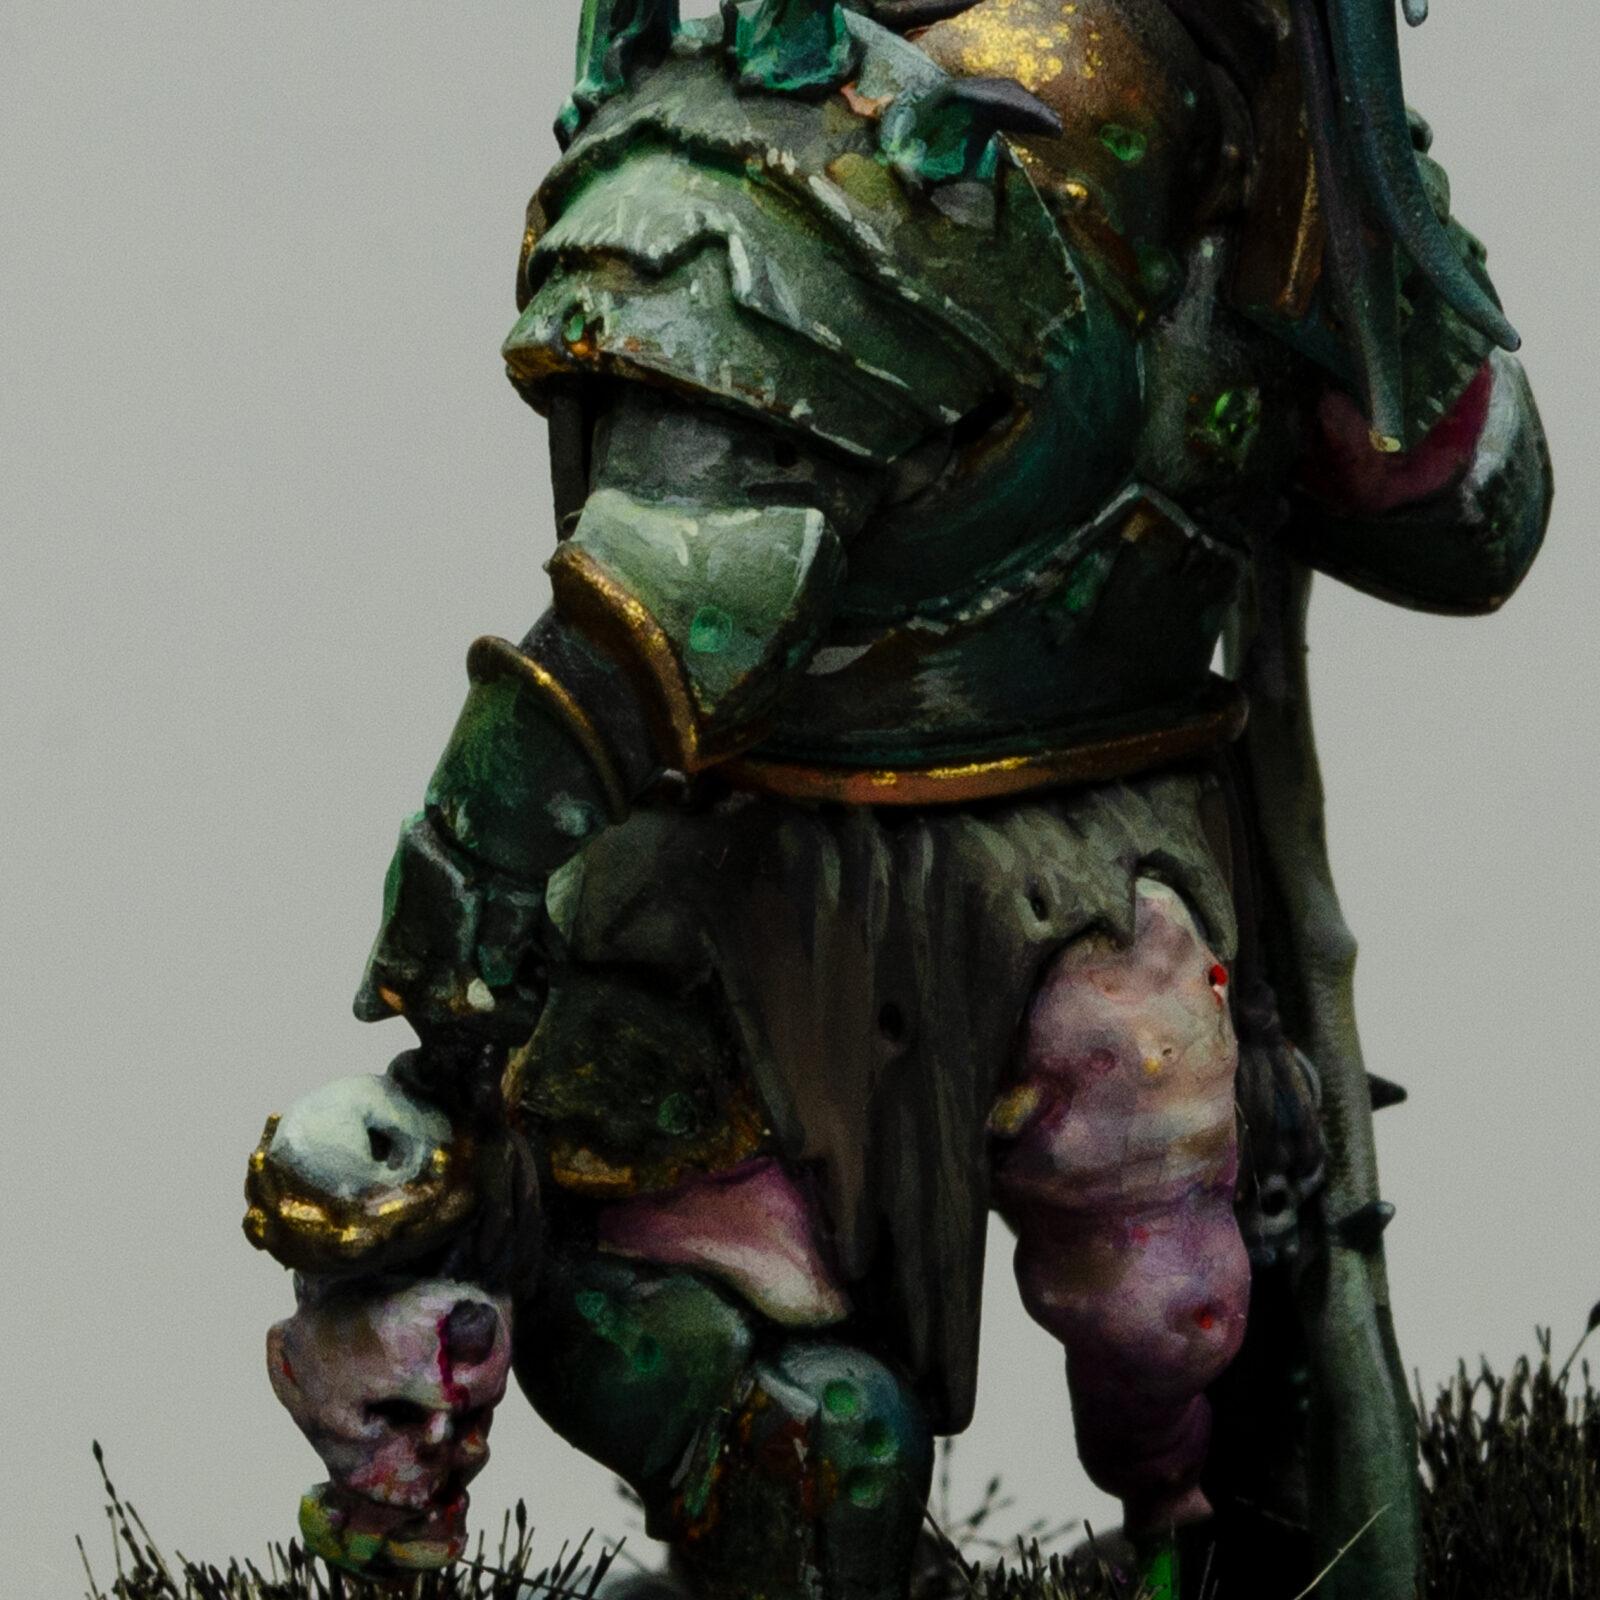 Nurglecswarrior05